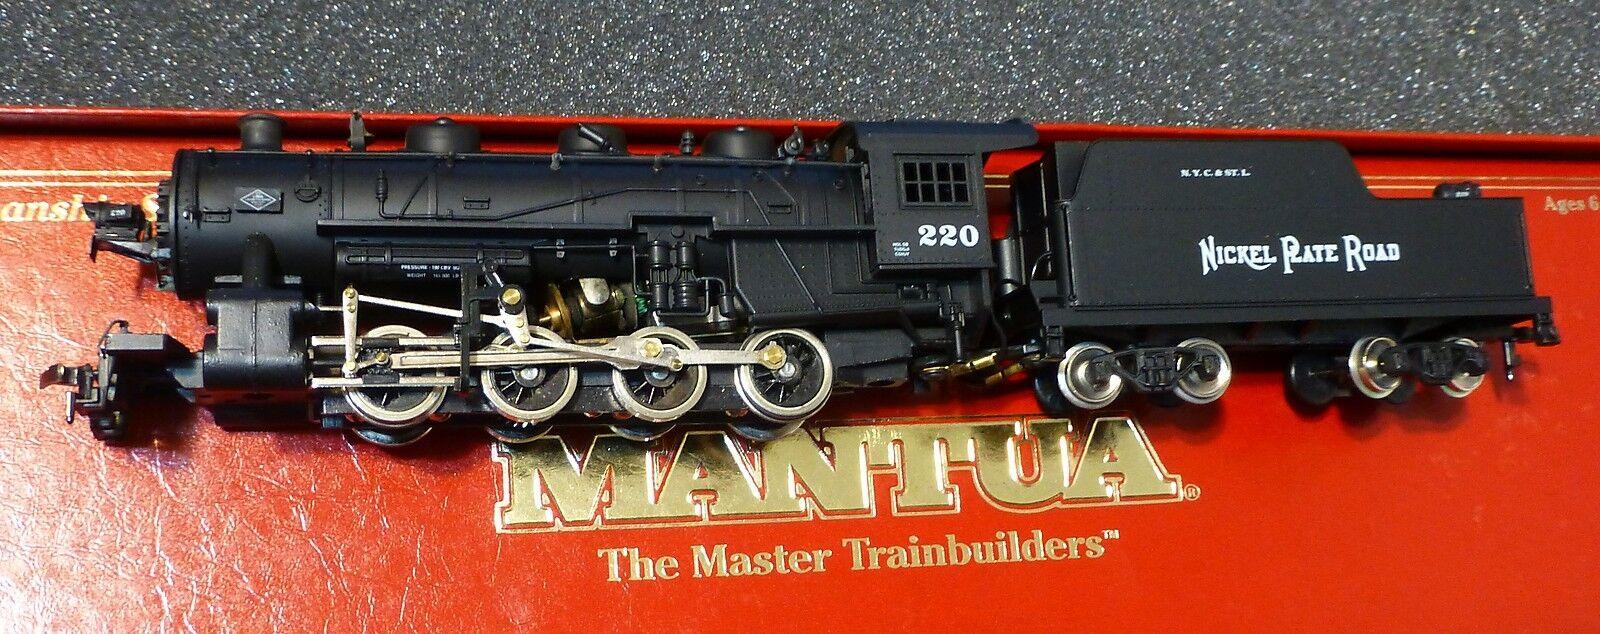 Mantua Ho  380-070 Nickel Plate Road (Run  248) 0-8-0 Switcher de Vapor (nuevo En Caja